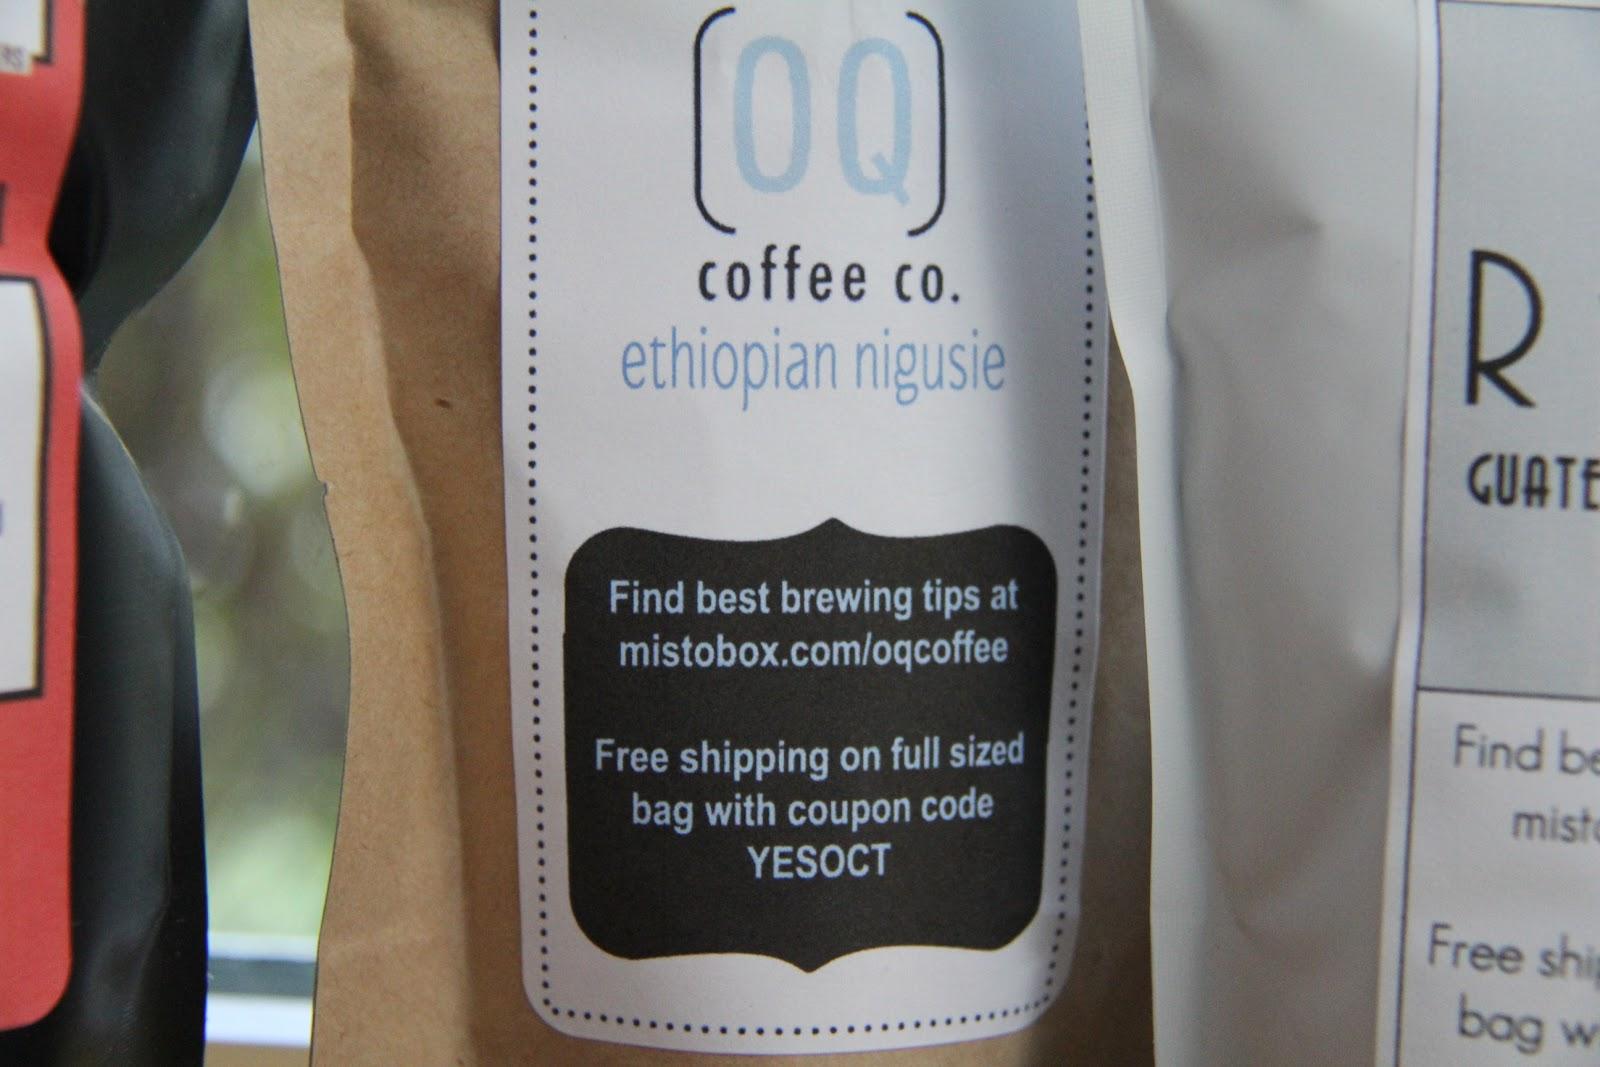 Mistobox coupon code